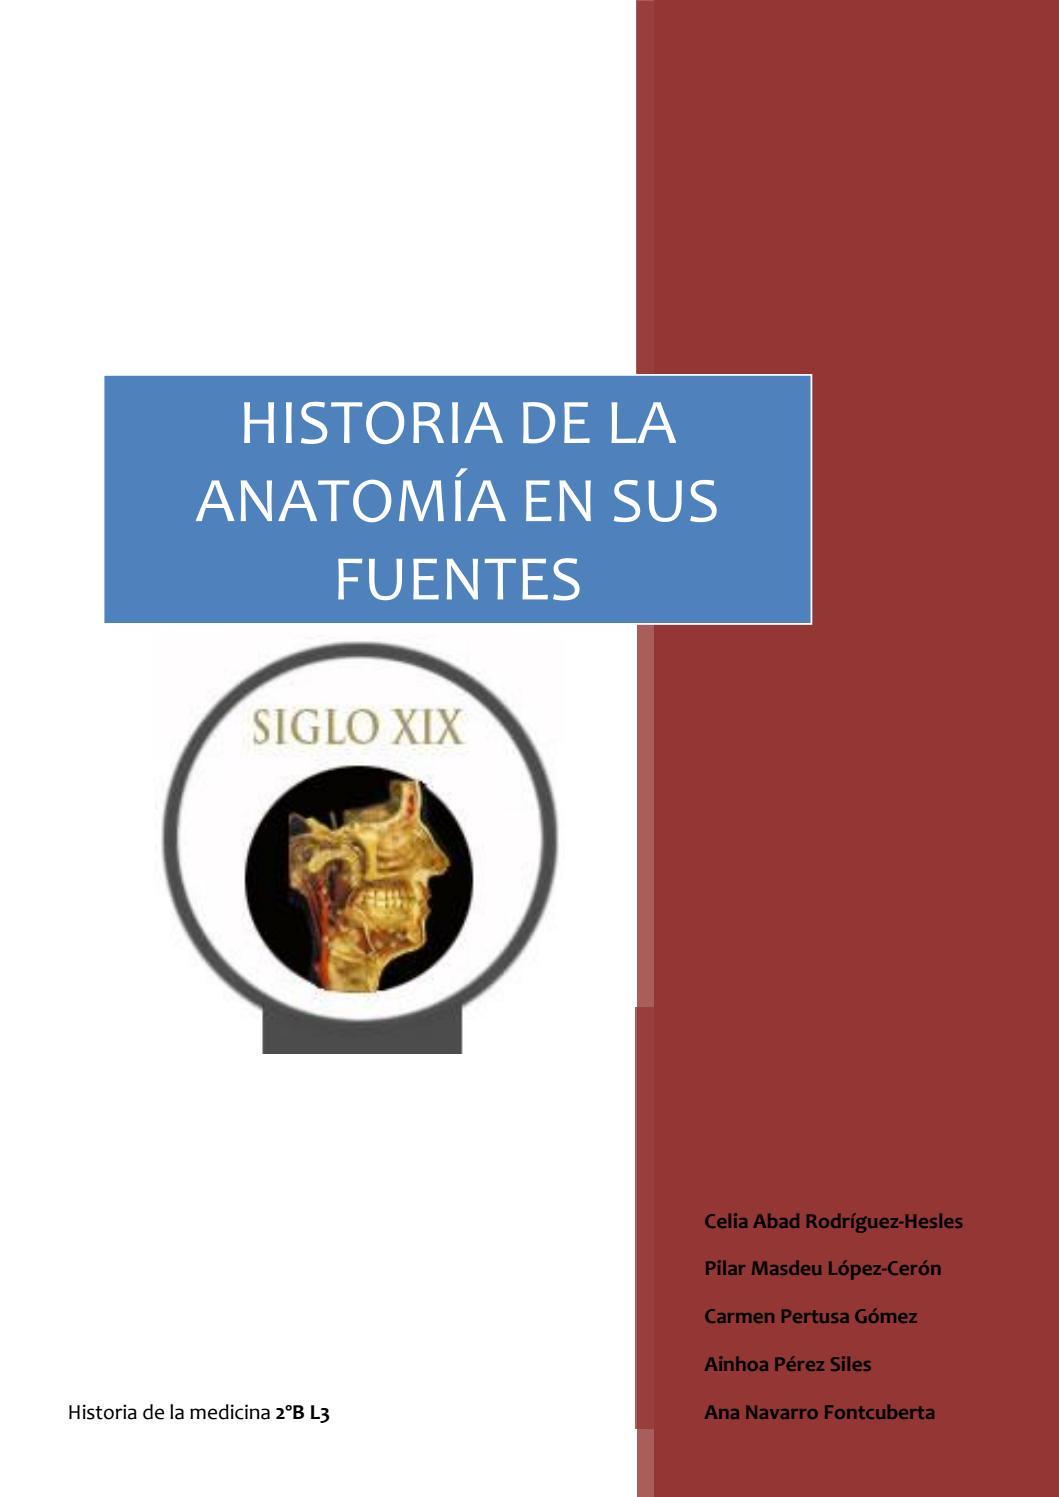 Historia de la anatomia en sus fuentes by celiaabad - issuu